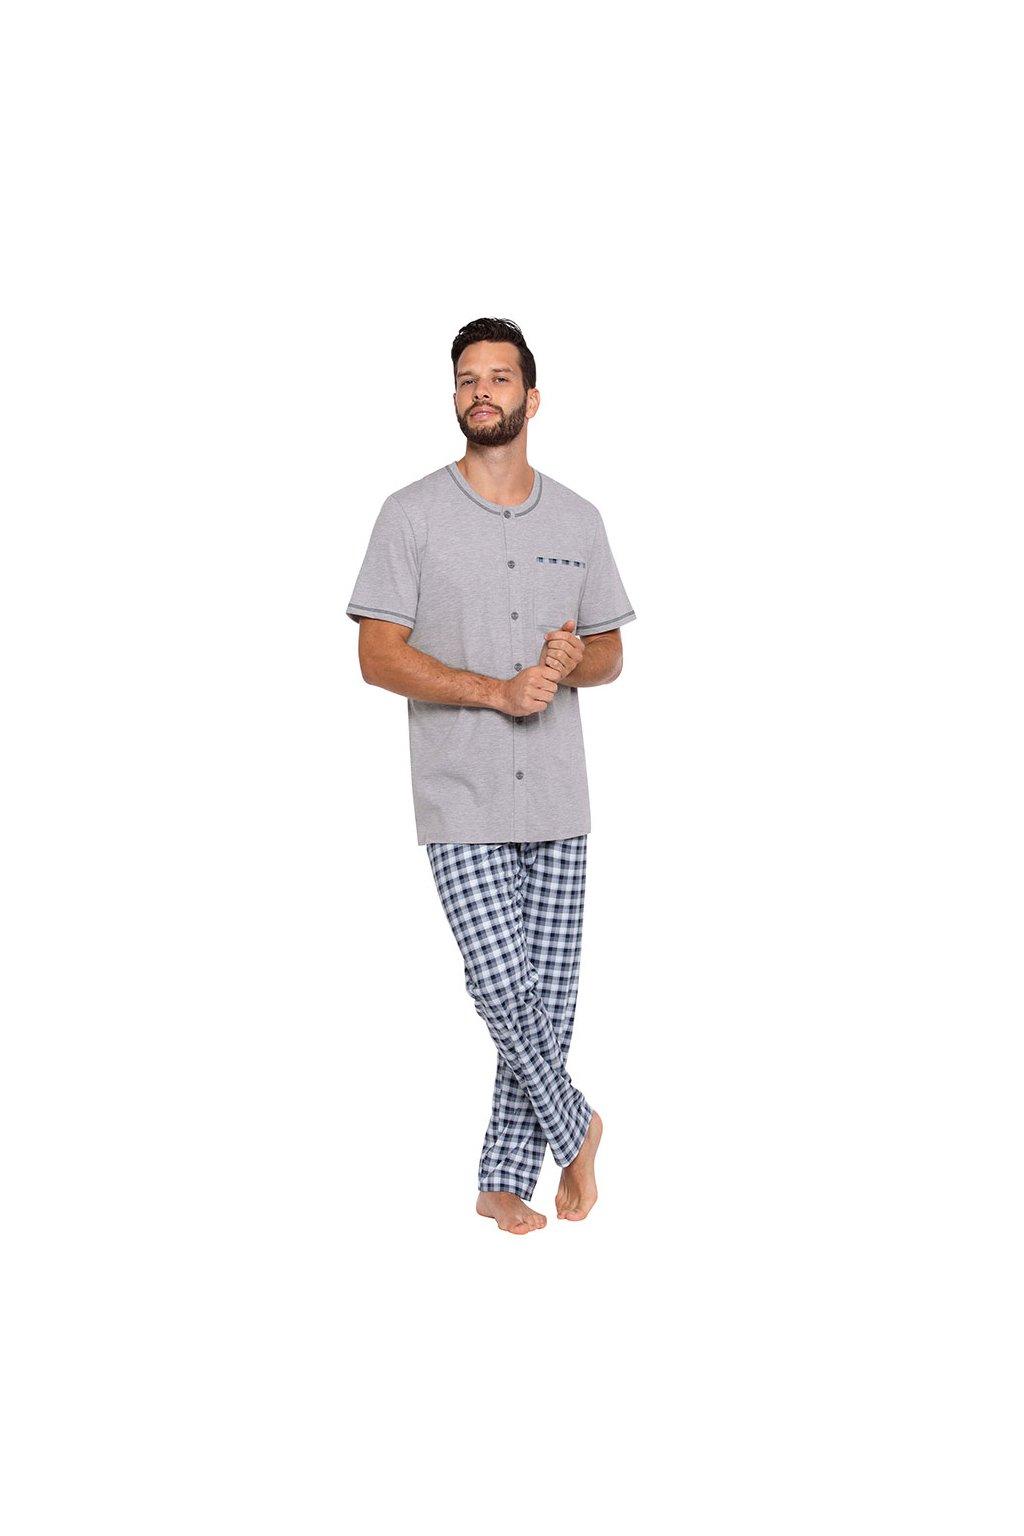 Pánské pyžamo s krátkým rukávem a dlouhými nohavicemi, 204120 30, šedá